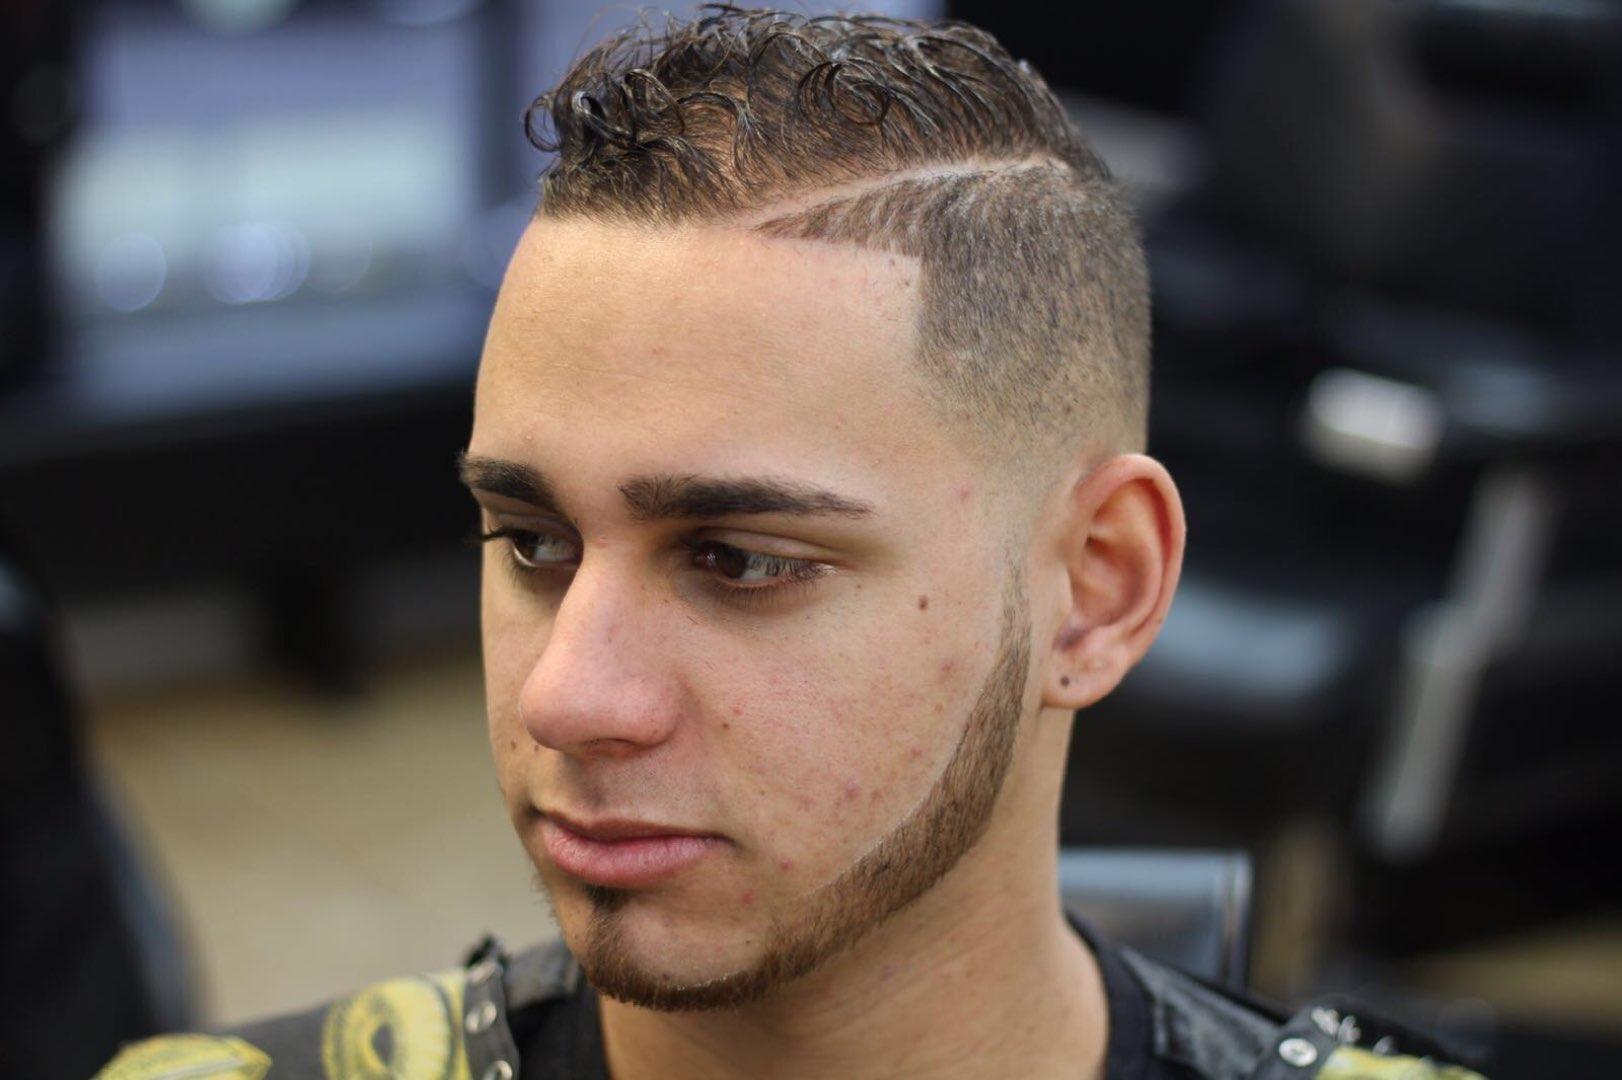 Barbershop - Yoel